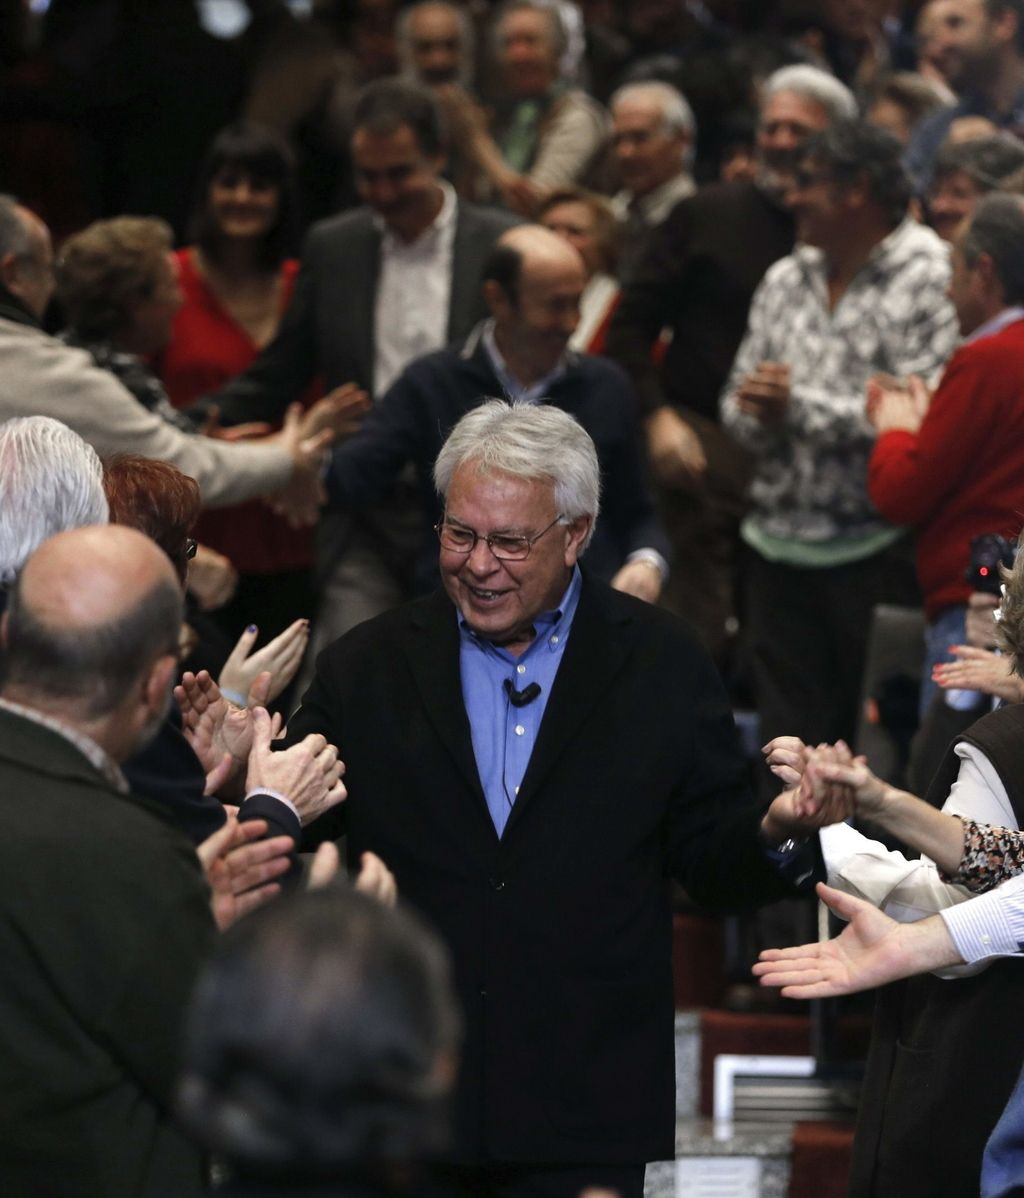 El PSOE conmemora el 30 aniversario del primer gobierno de González